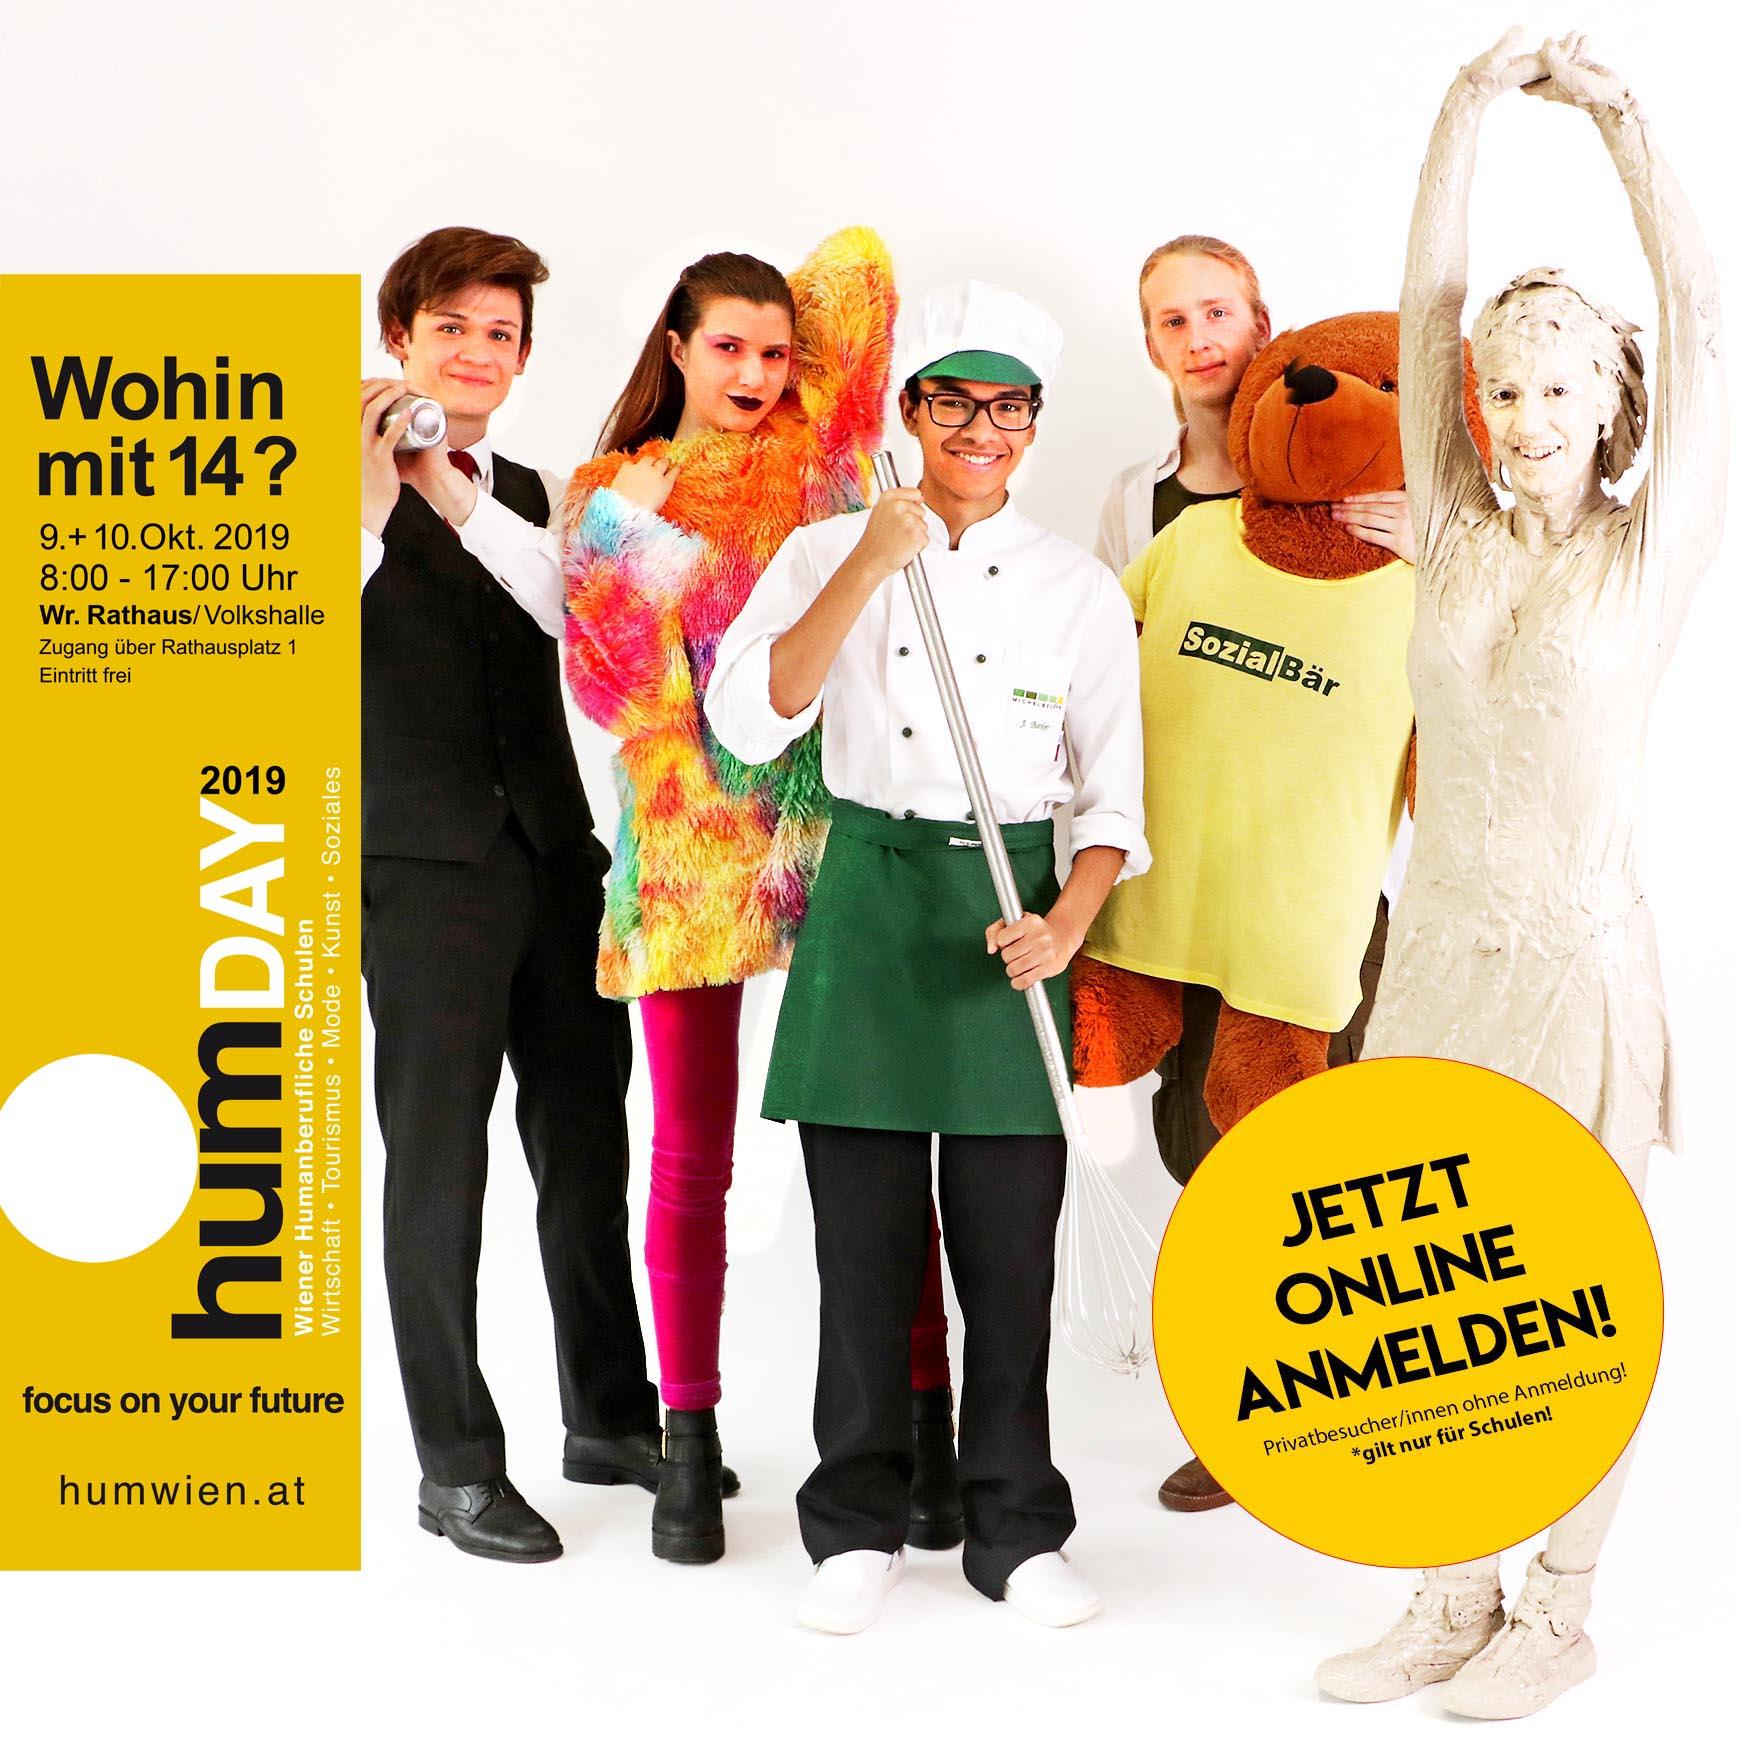 24 Schulen der Vielfalt im Wiener Rathaus – humDAY 2019 am 9. und 10. Oktober 2019